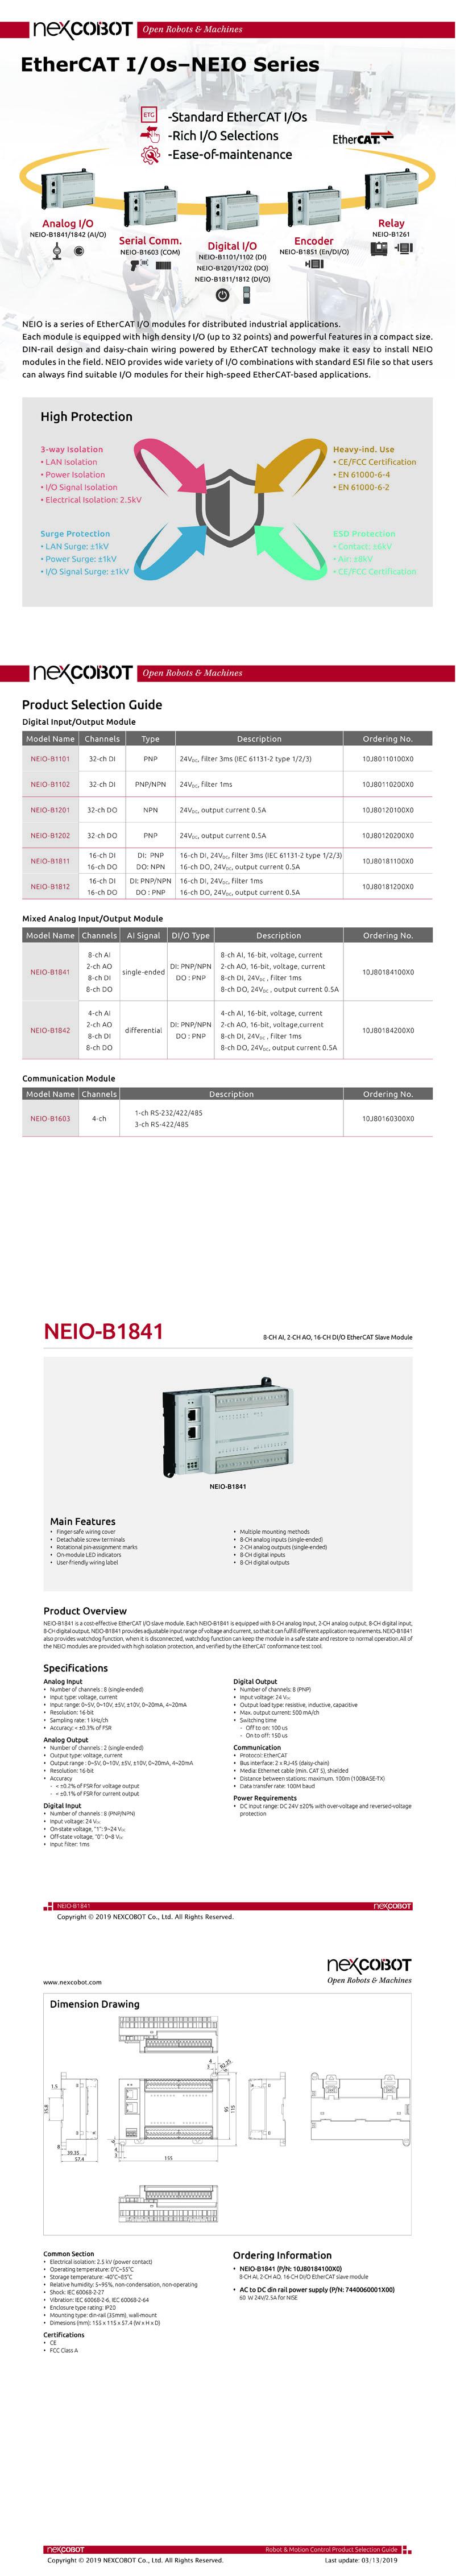 NEIO-B1841_L  2.jpg